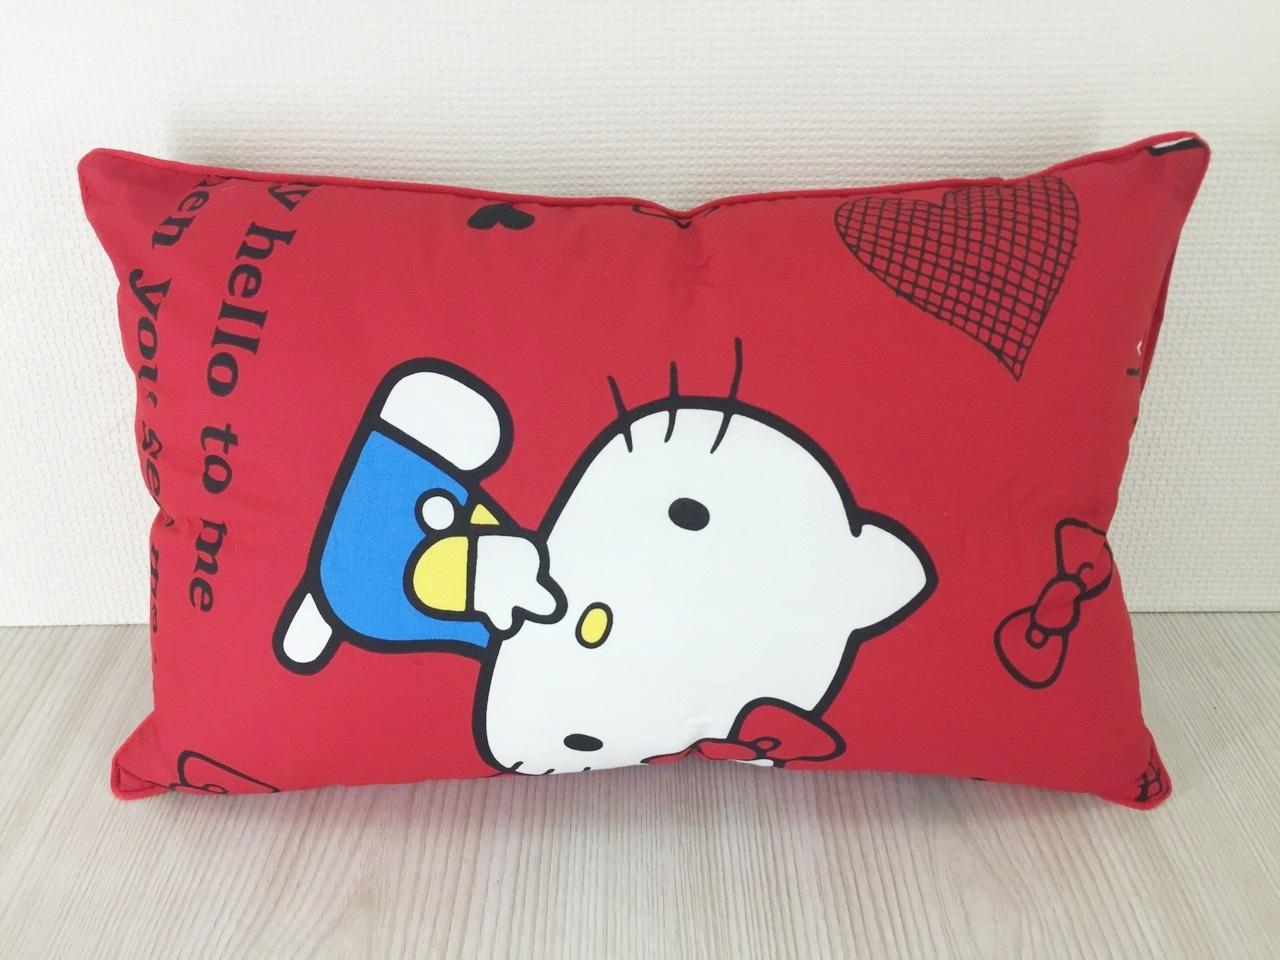 【真愛日本】15120200032童枕45*33-我是HELLO KITTY紅  三麗鷗 Hello Kitty 凱蒂貓  枕頭 童用  靠枕